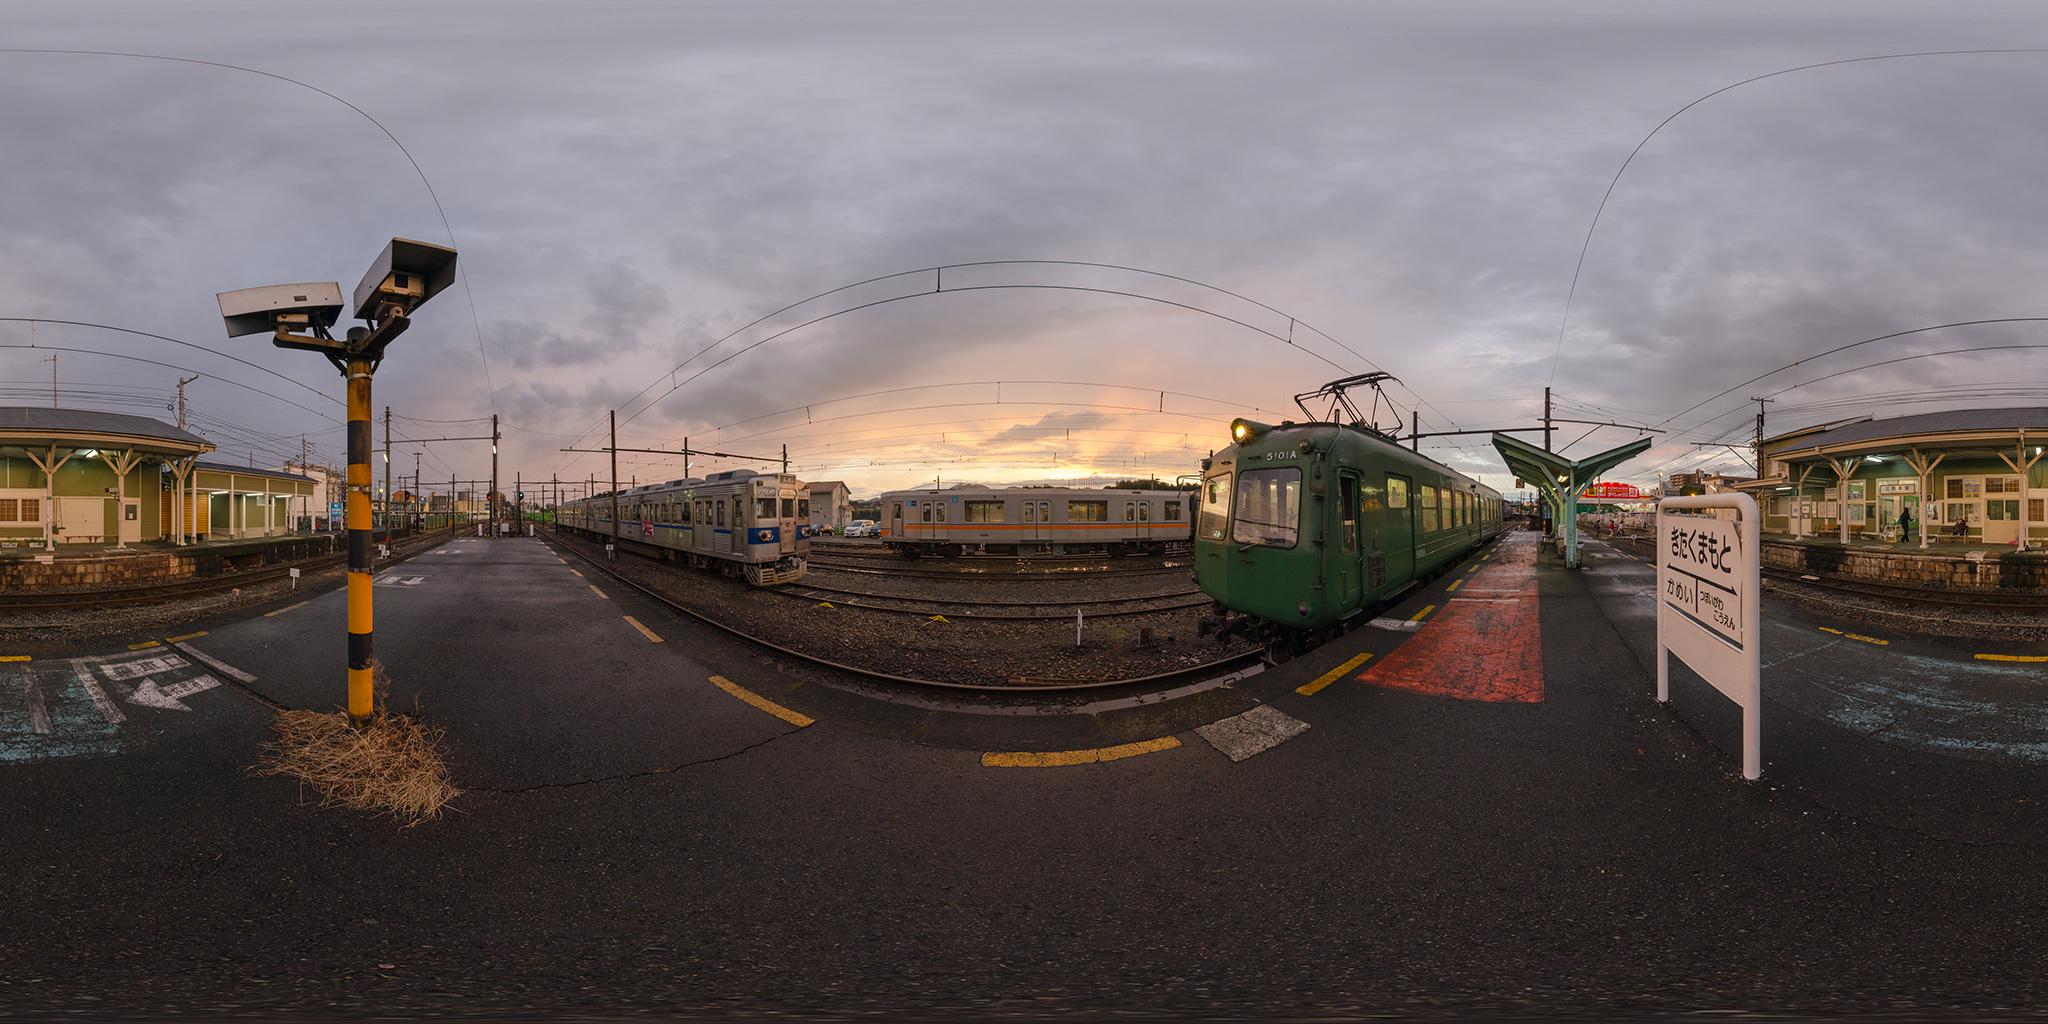 夕日の北熊本駅にて5101Aと01形